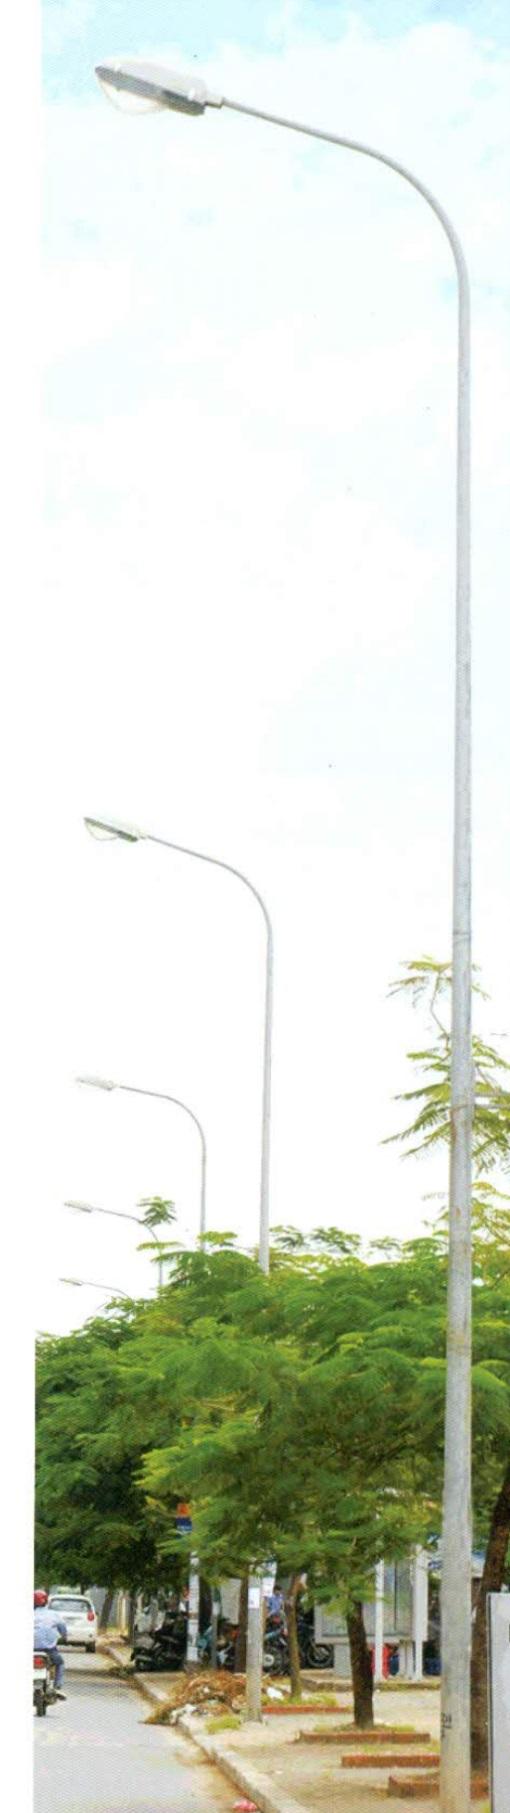 Trụ đèn côn liền cần